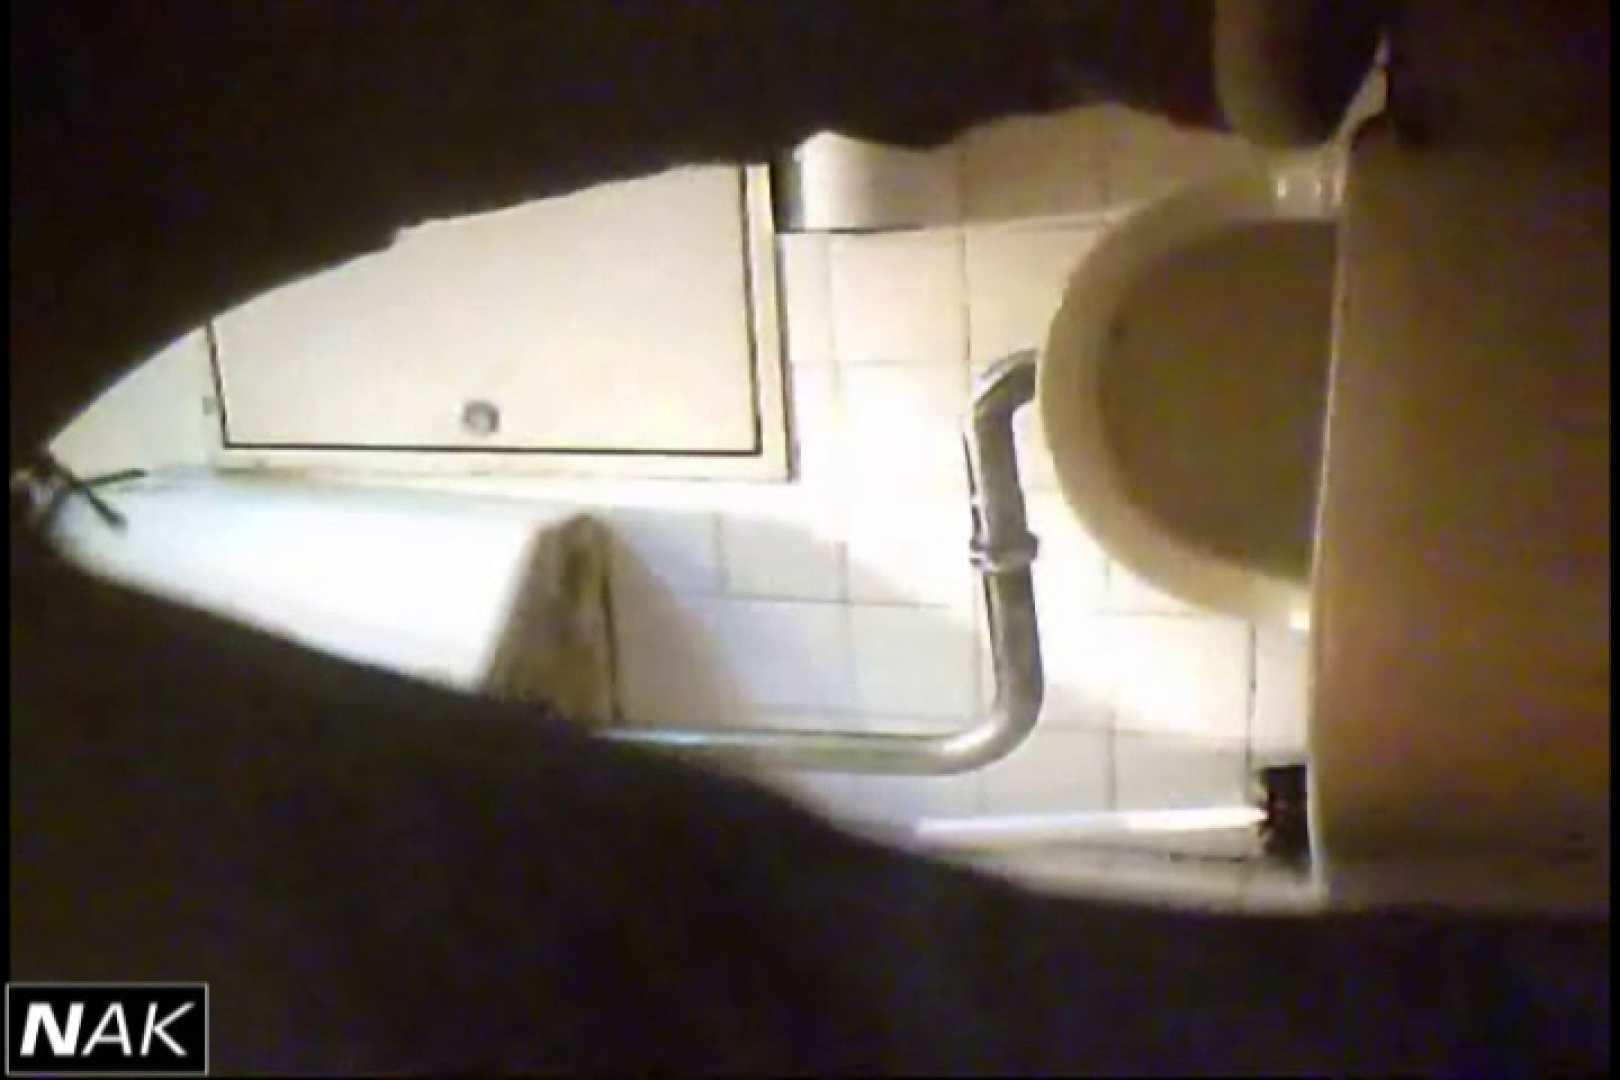 亀さんかわや VIP和式2カメバージョン! vol.05 リアル黄金水 ワレメ無修正動画無料 110画像 108